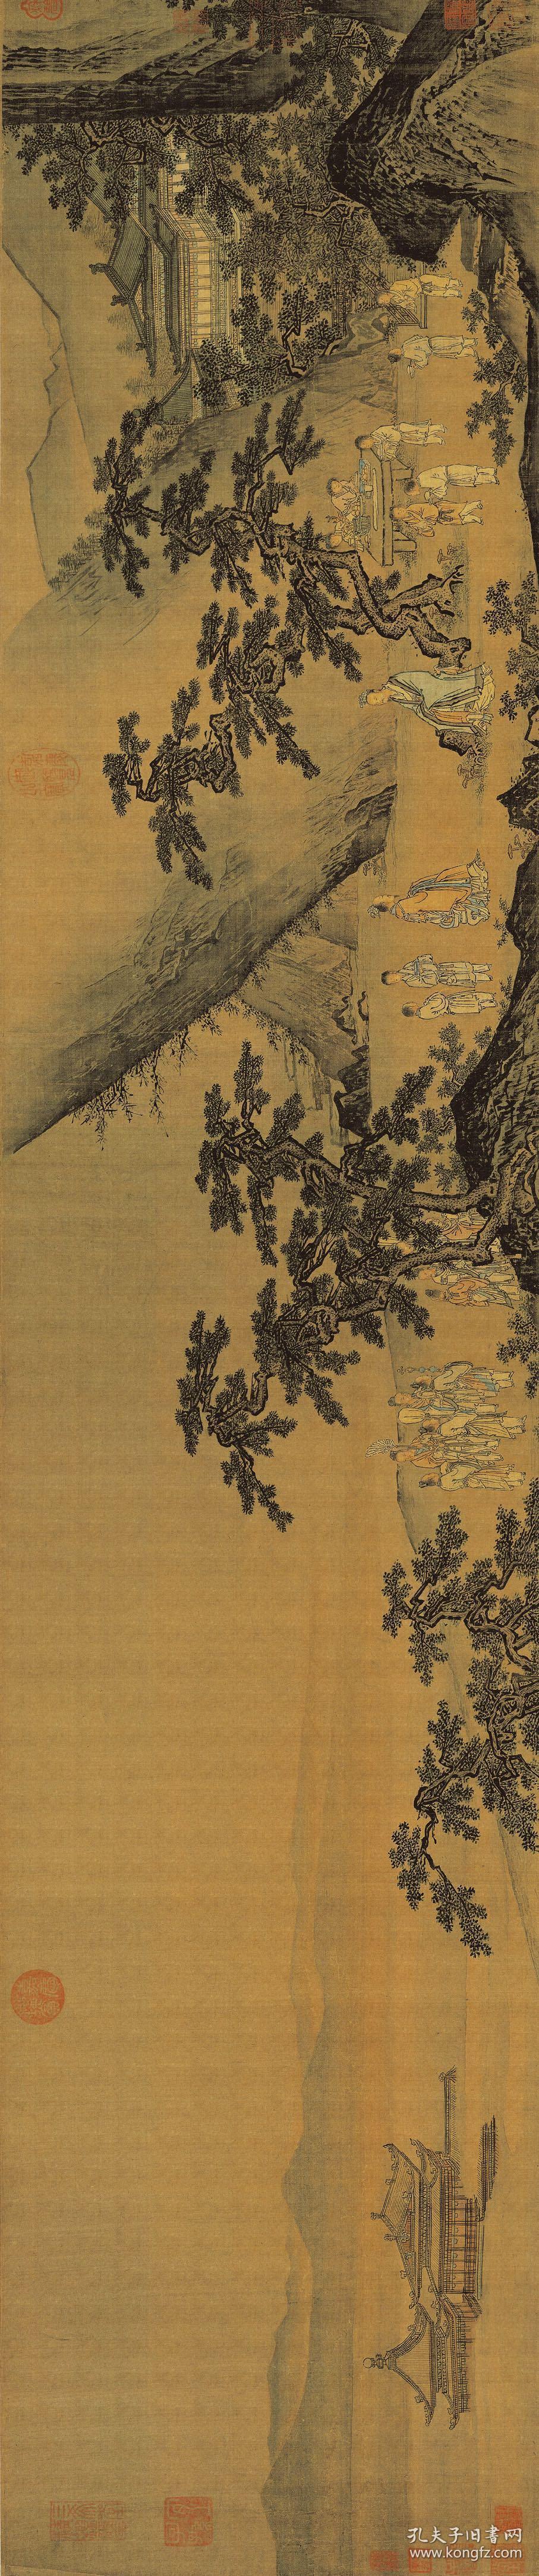 石锐 轩辕问道图卷。纸本大小32*152.78厘米。宣纸艺术微喷复制。130元包邮